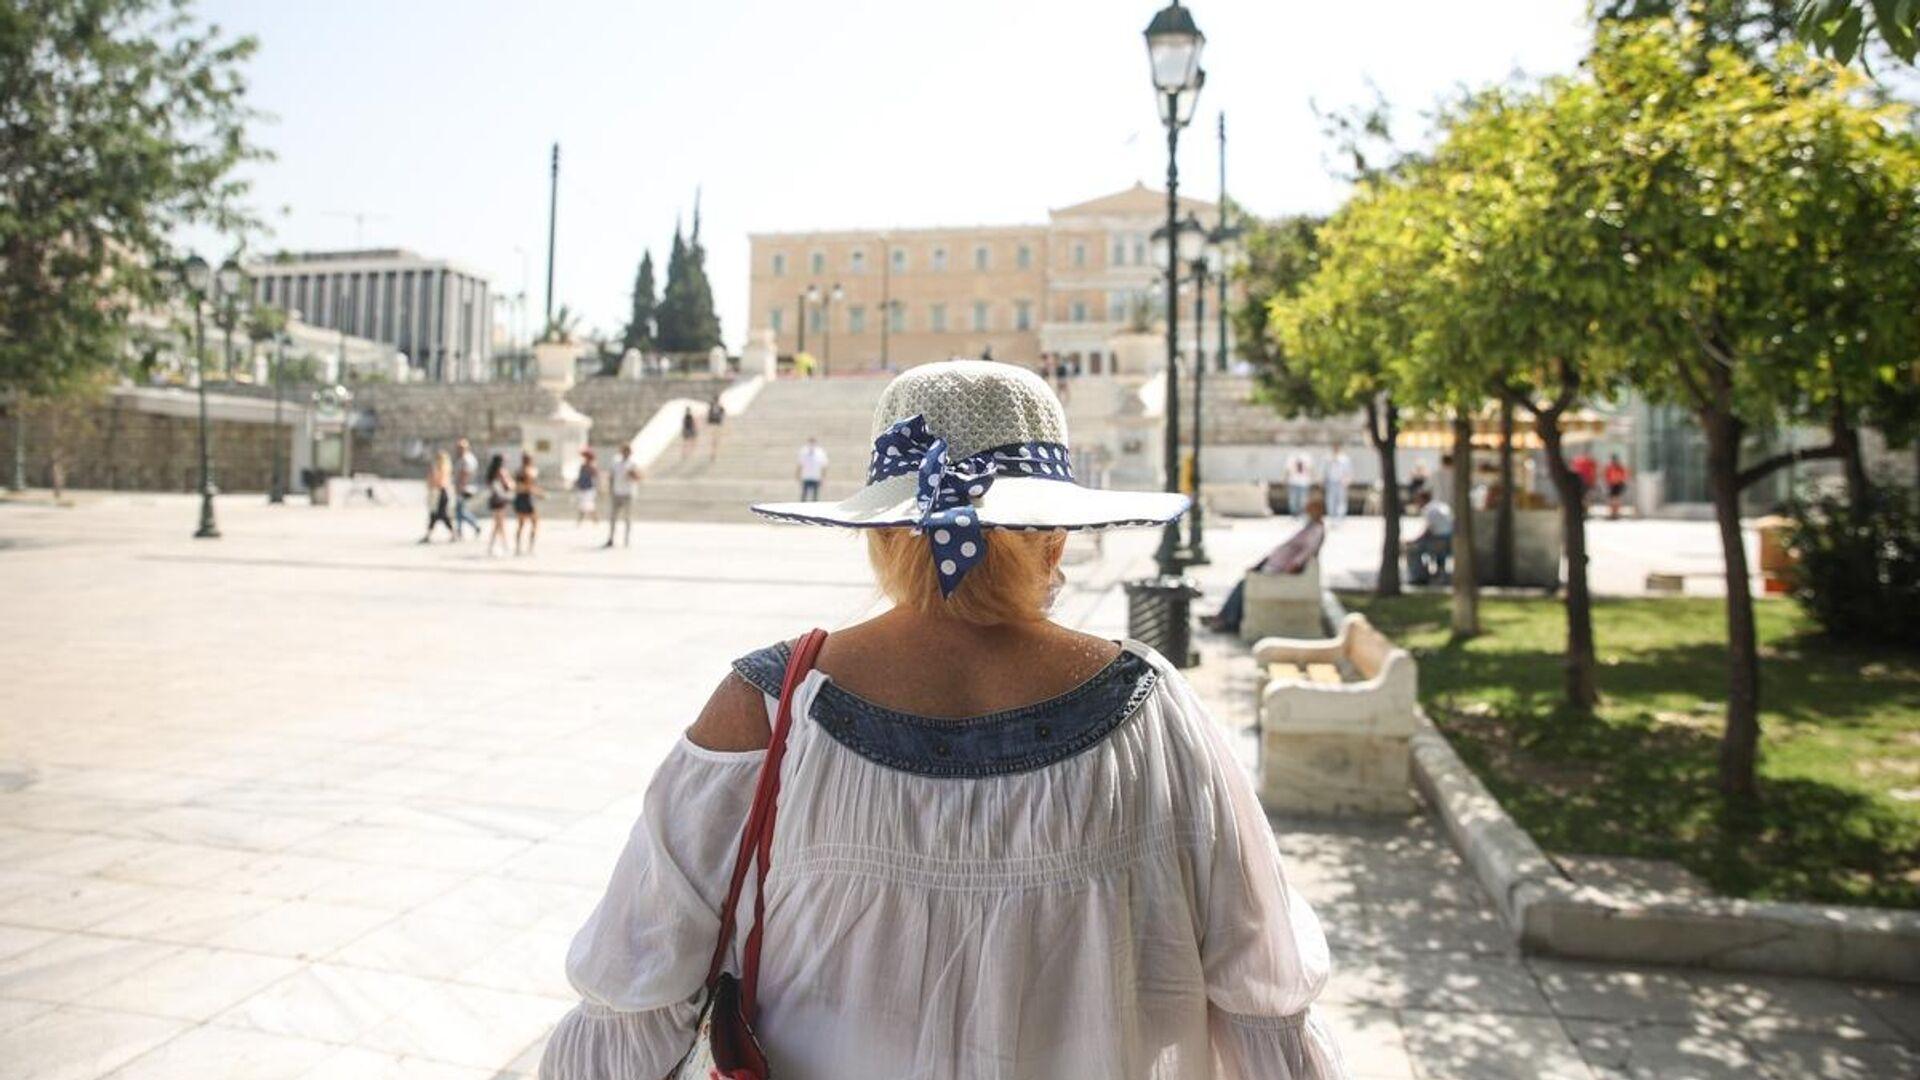 Καύσωνας στην Αθήνα - Sputnik Ελλάδα, 1920, 13.09.2021